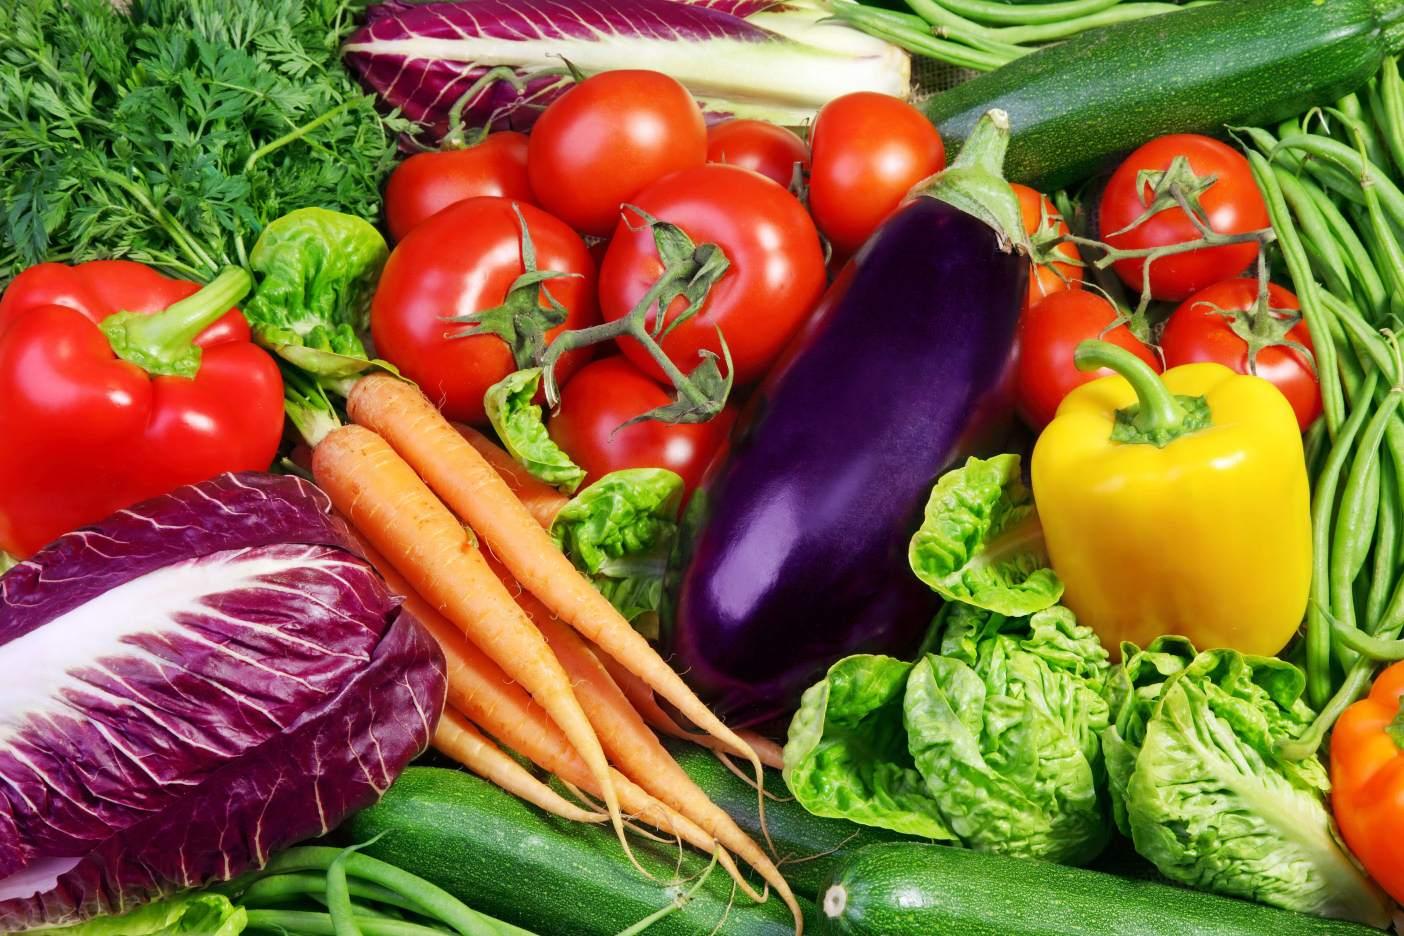 Хранение овощей и цветов по правилам ЭМ-Технологии